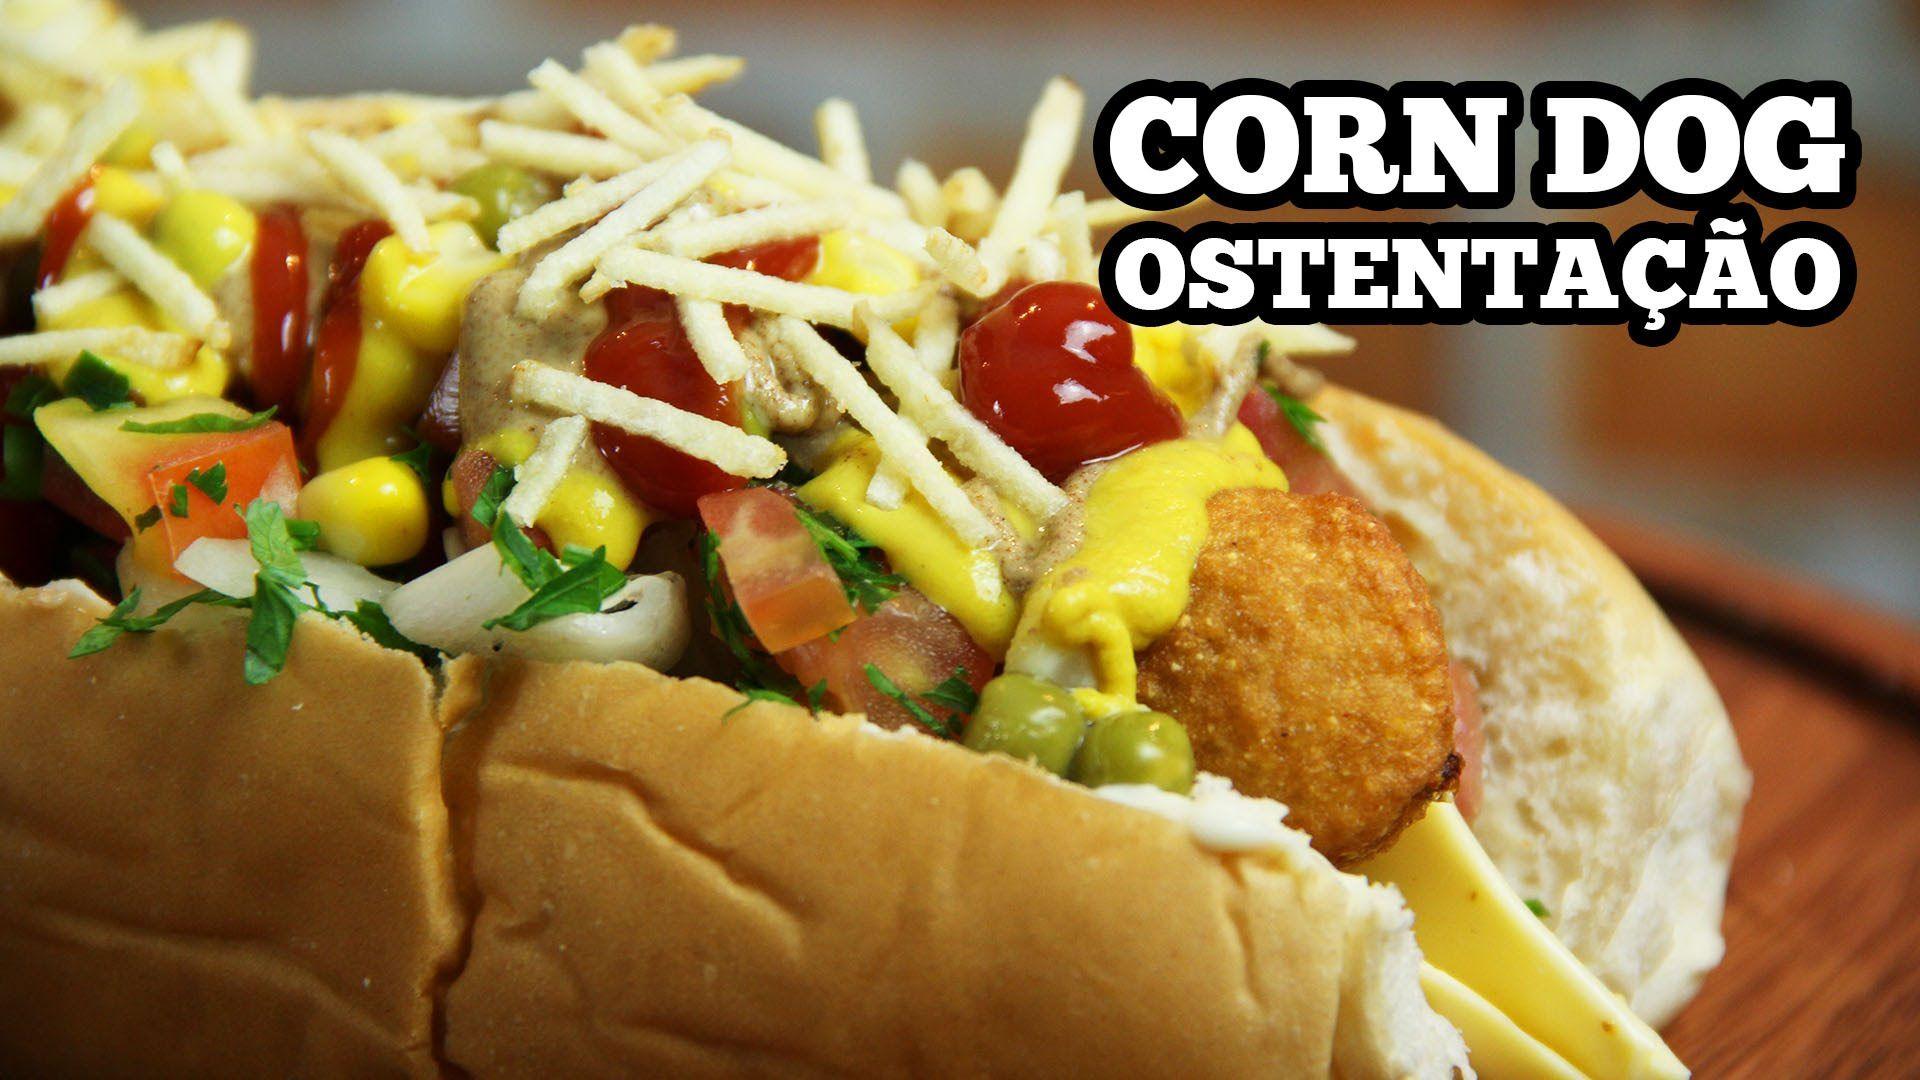 Corn Dog Ostentação - Hot Dog Caseiro - Sanduba Insano